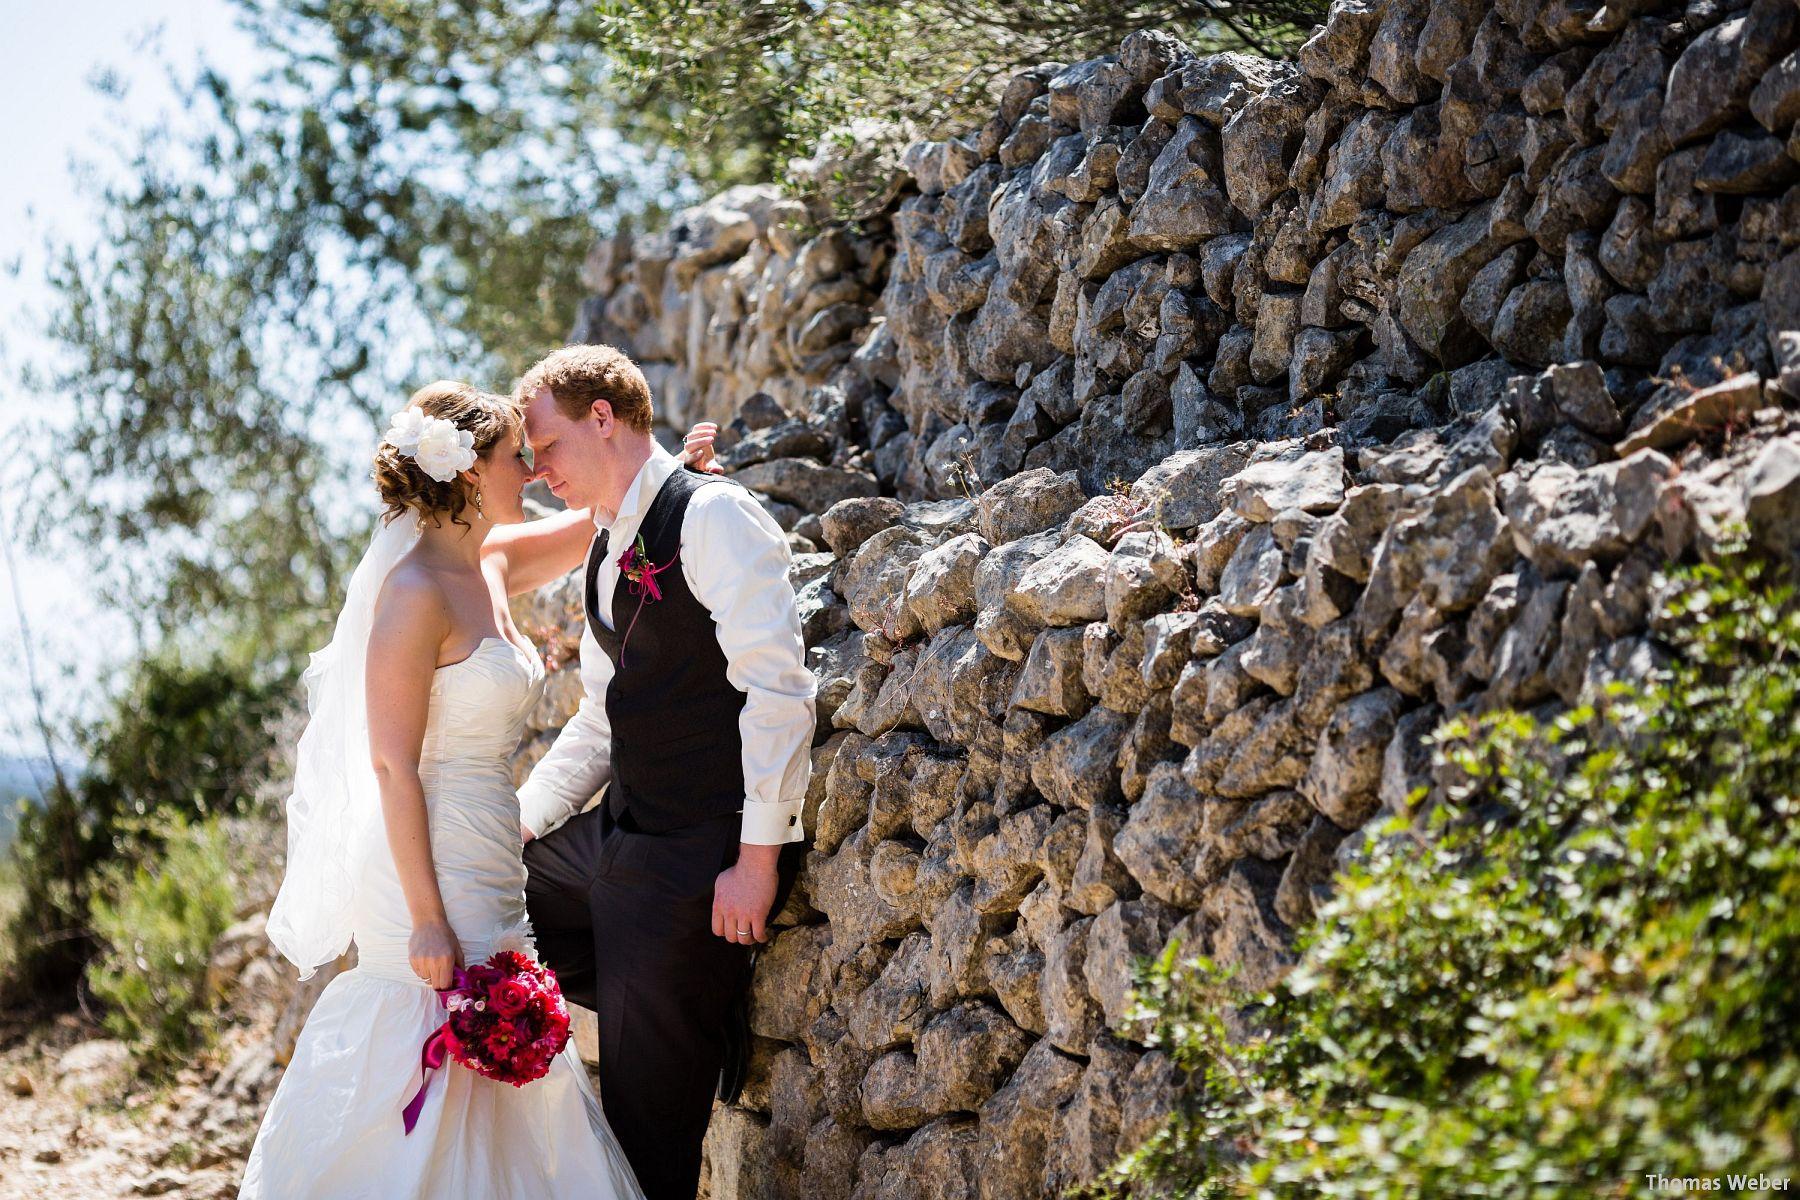 Hochzeitsfotograf Thomas Weber aus Oldenburg: Hochzeitsfotos und Paarfotos auf Mallorca (28)